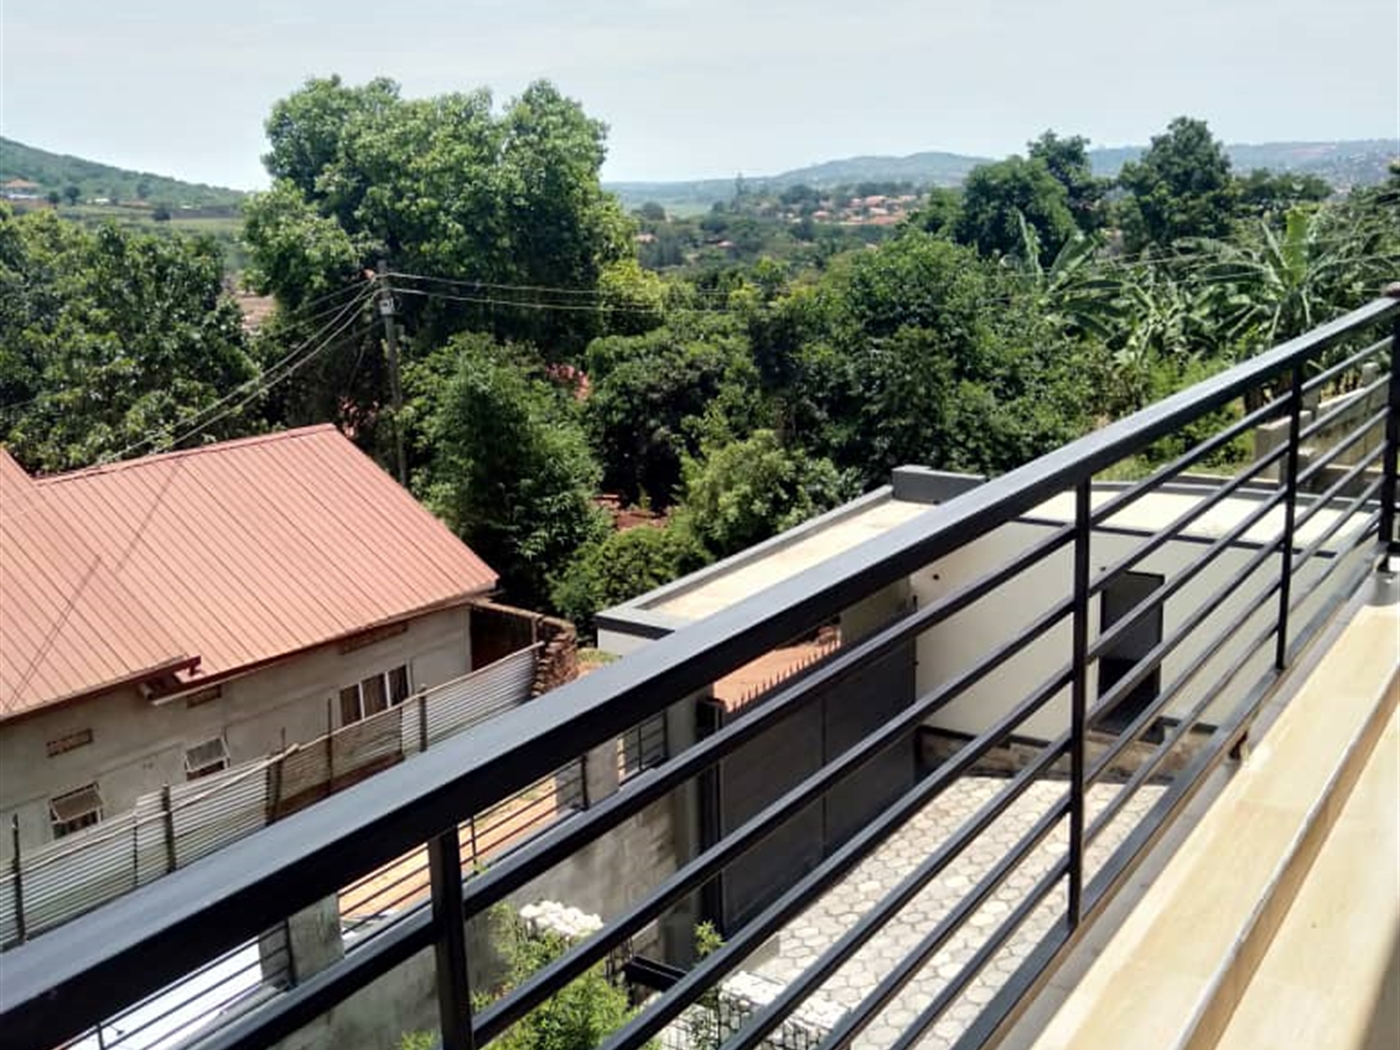 Balcony (Terrace)